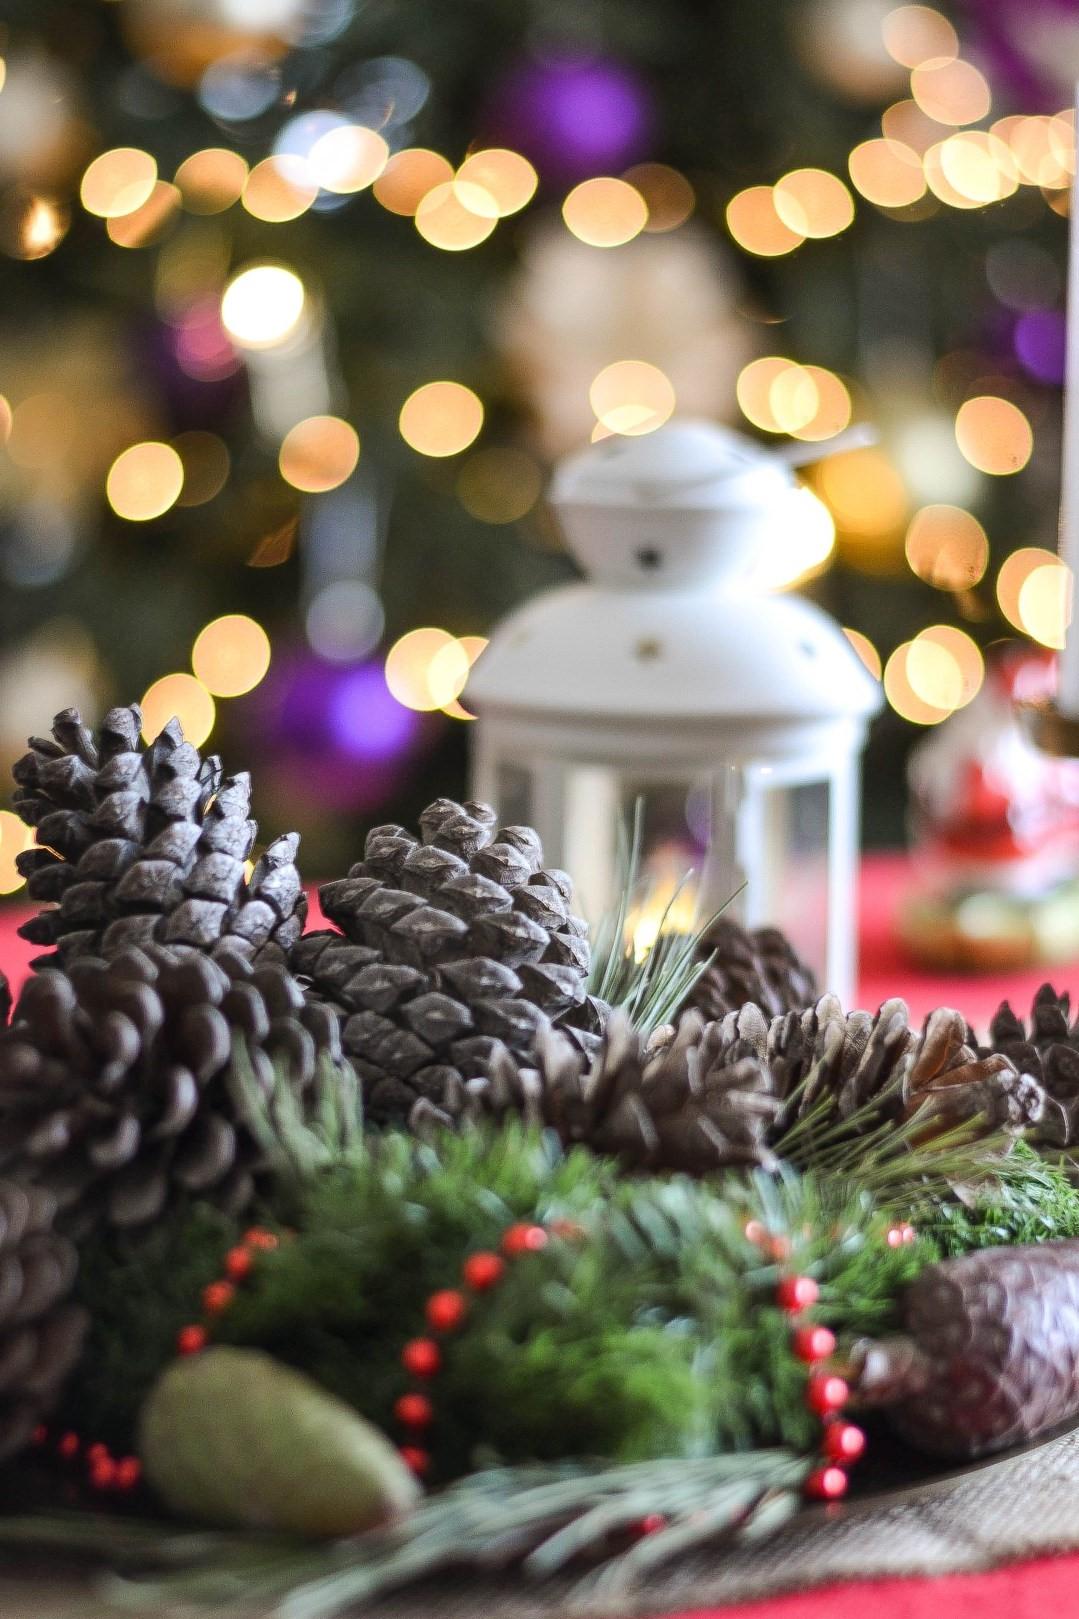 Incluez des guirlandes lumineuses et des bougies pour une atmosphère chaleureuse.